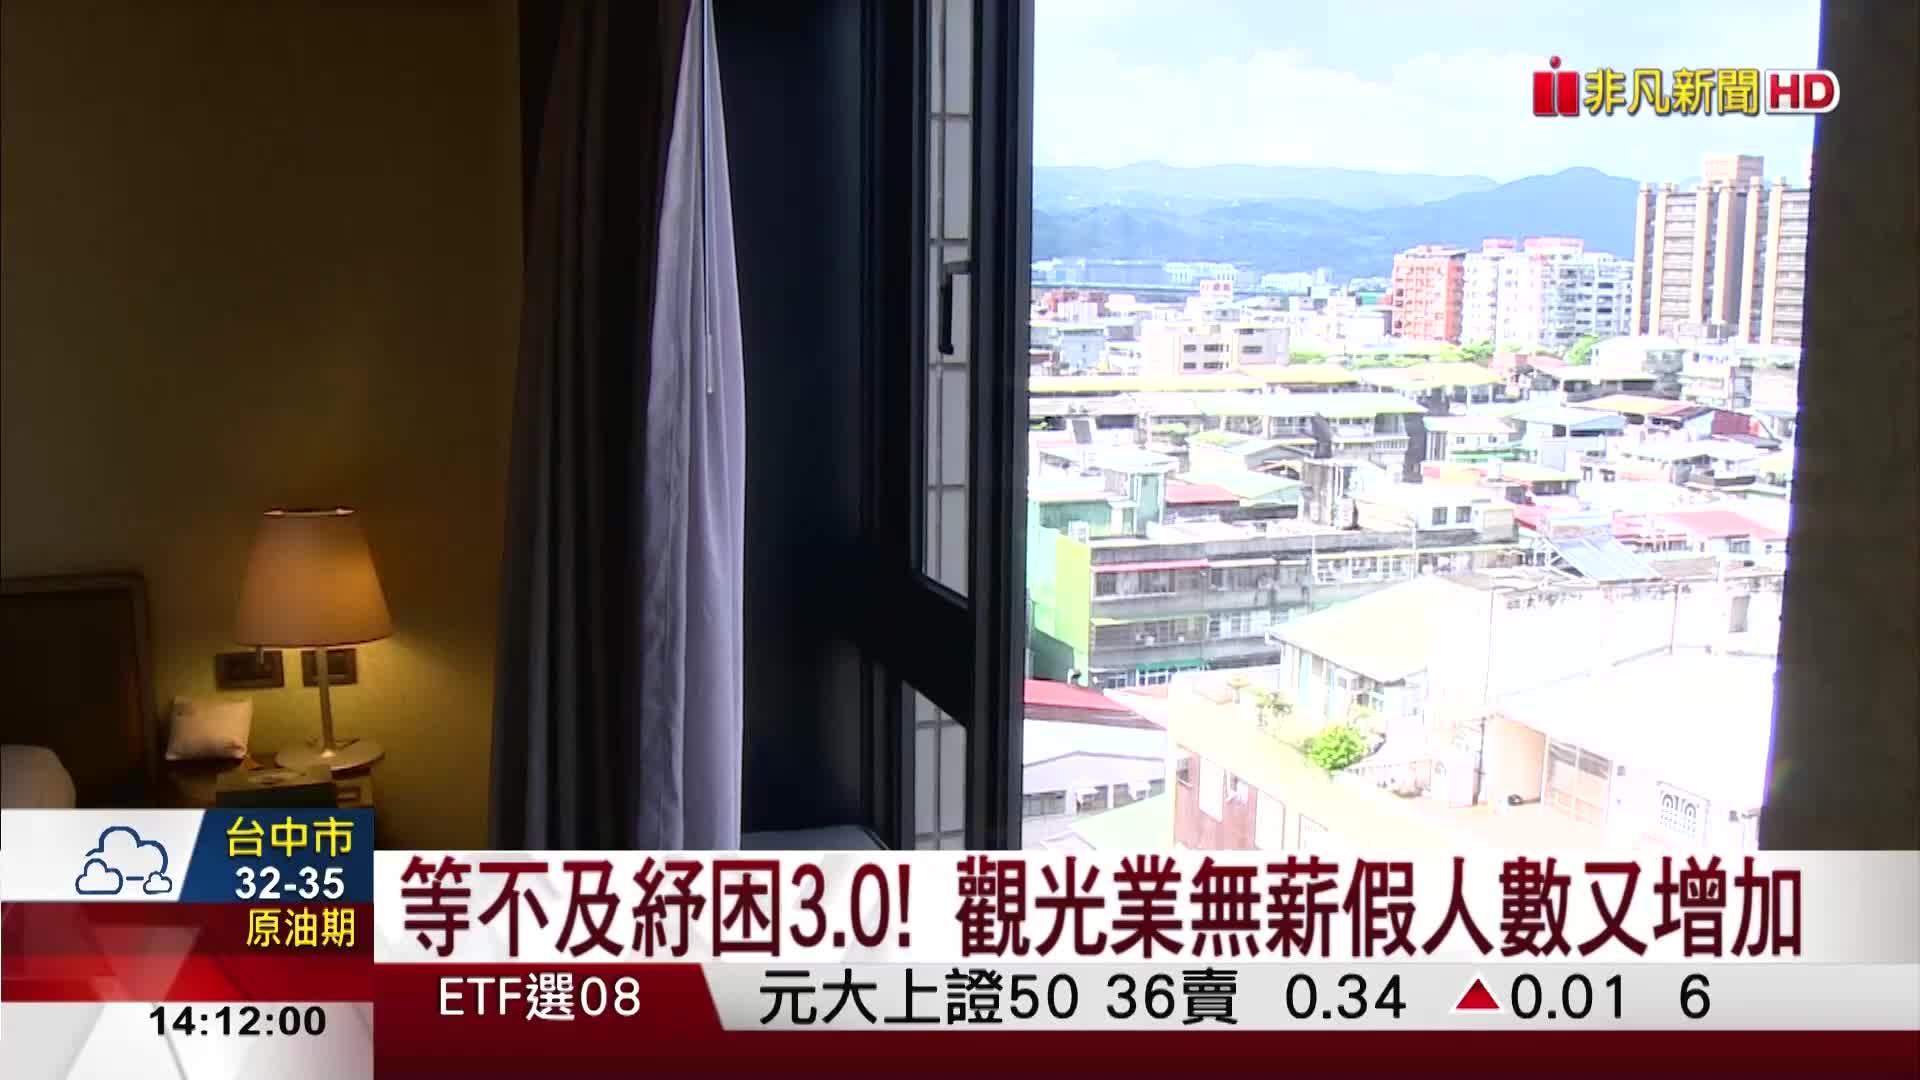 等不及紓困3.0 觀光業無薪假人數又增加